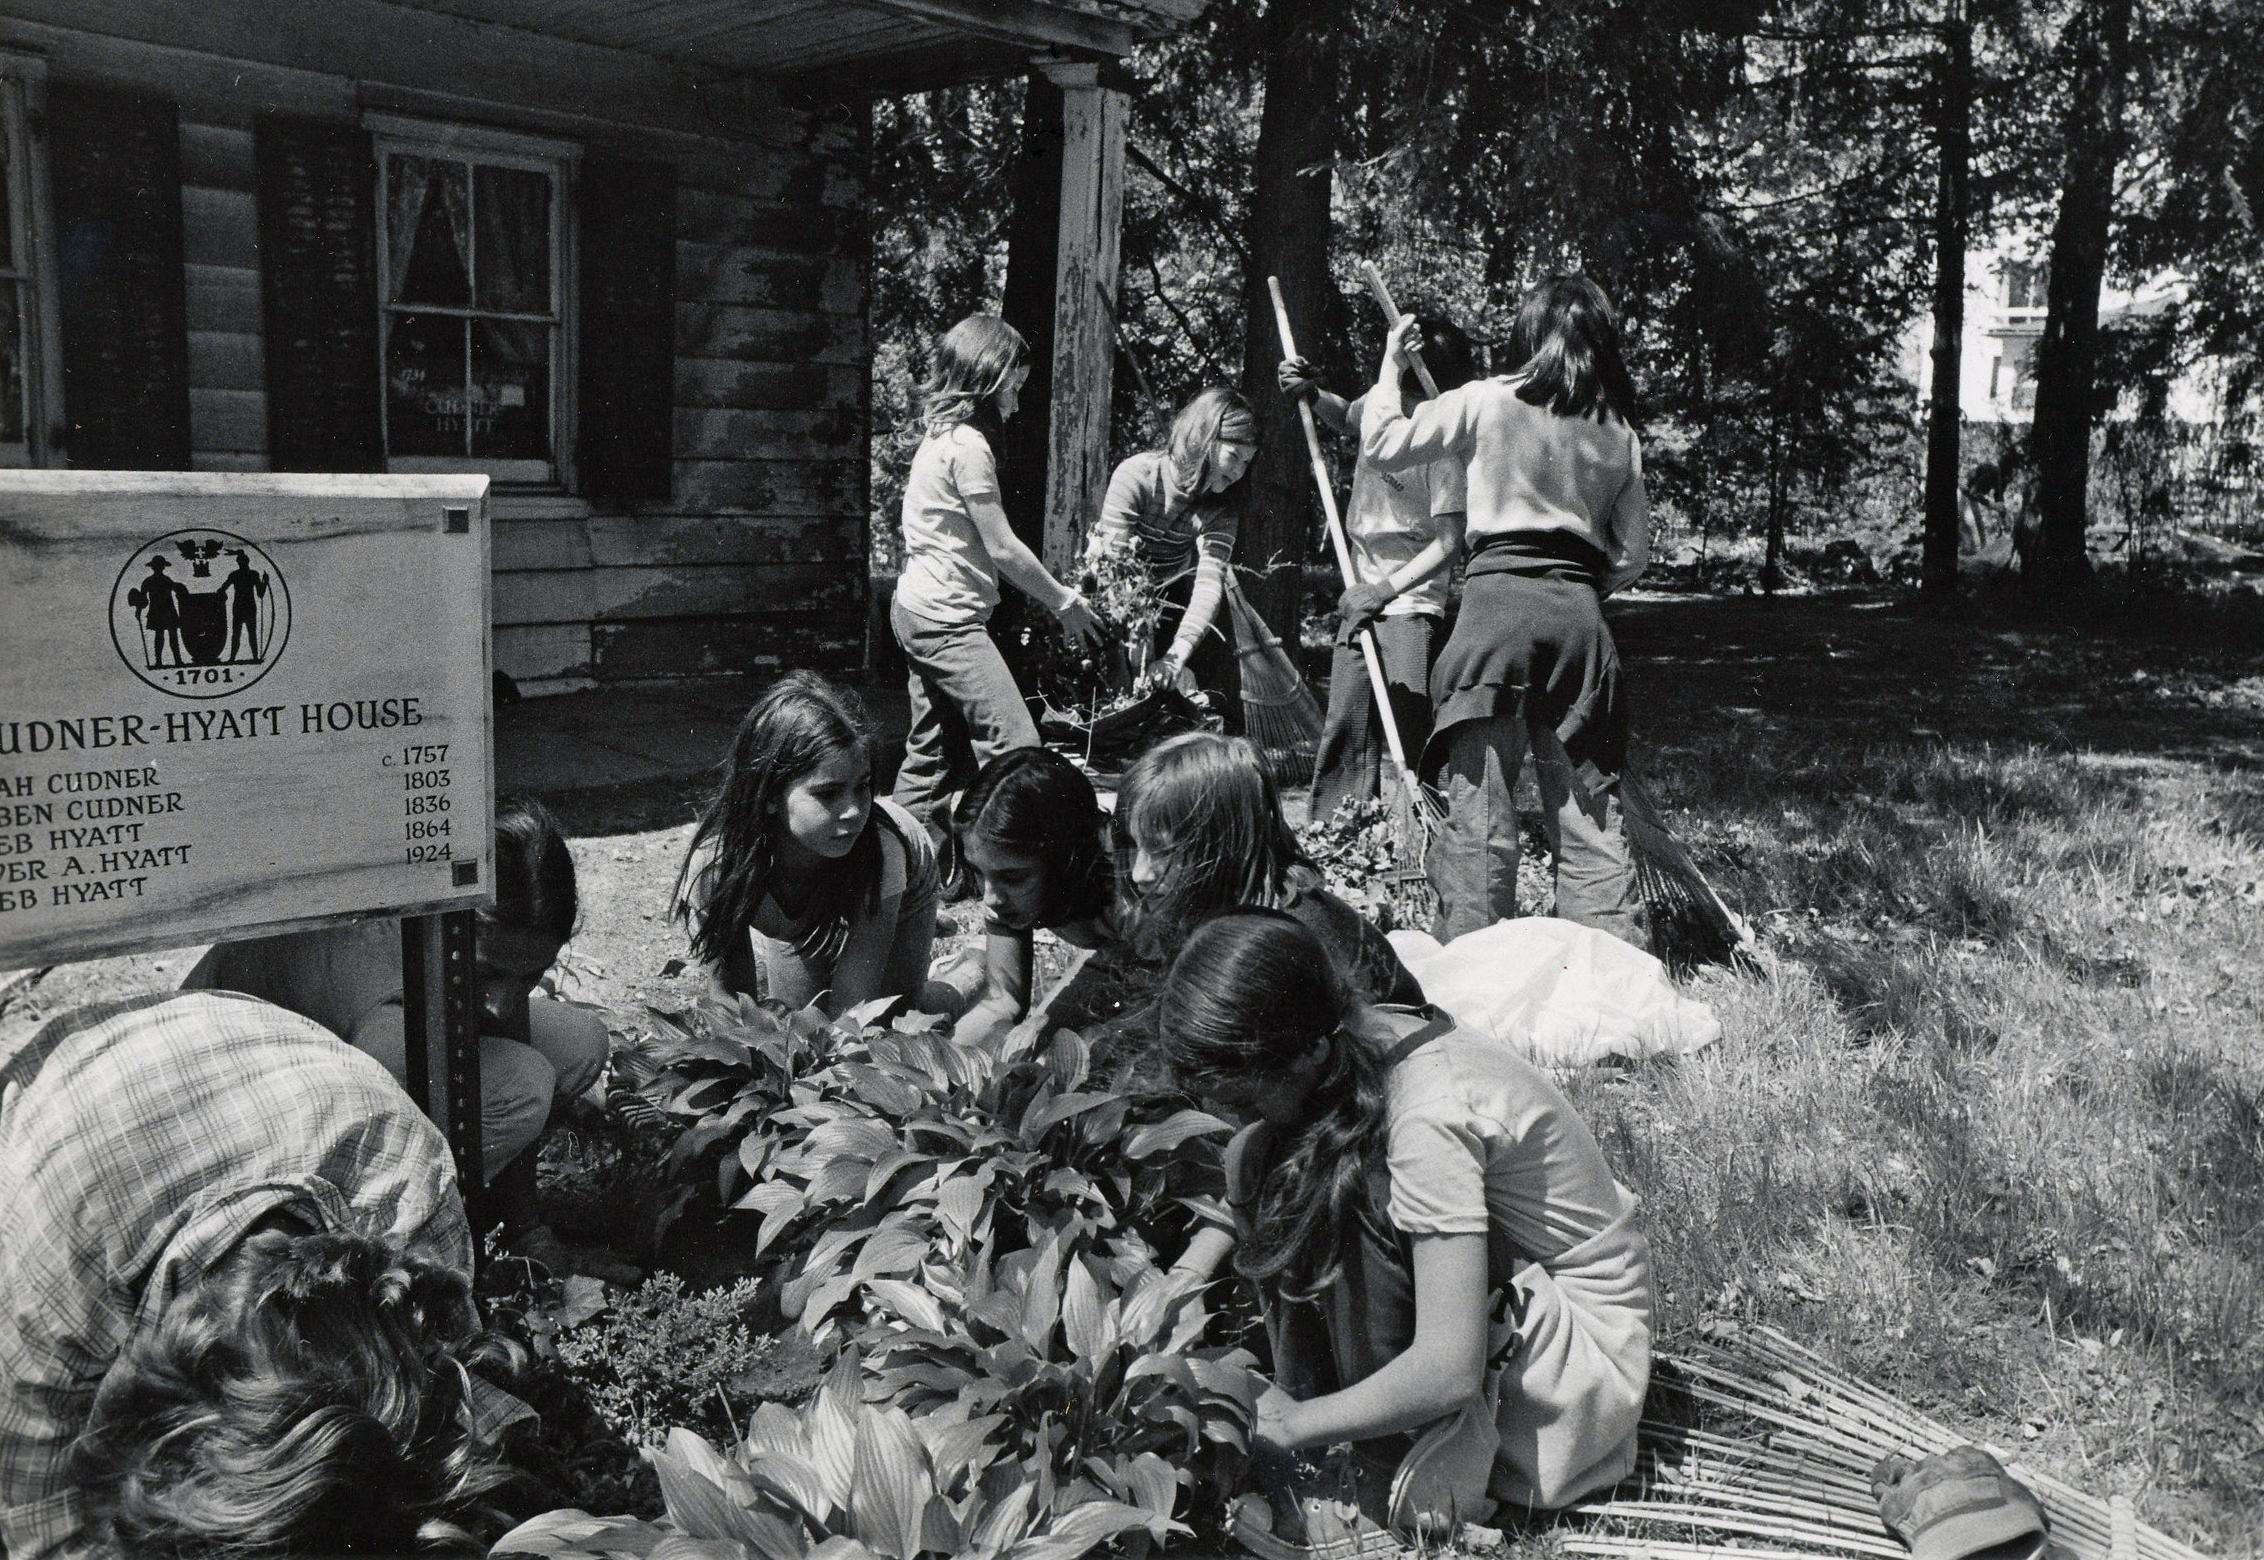 School children and volunteers helped clear the debris in the garden, 1975.